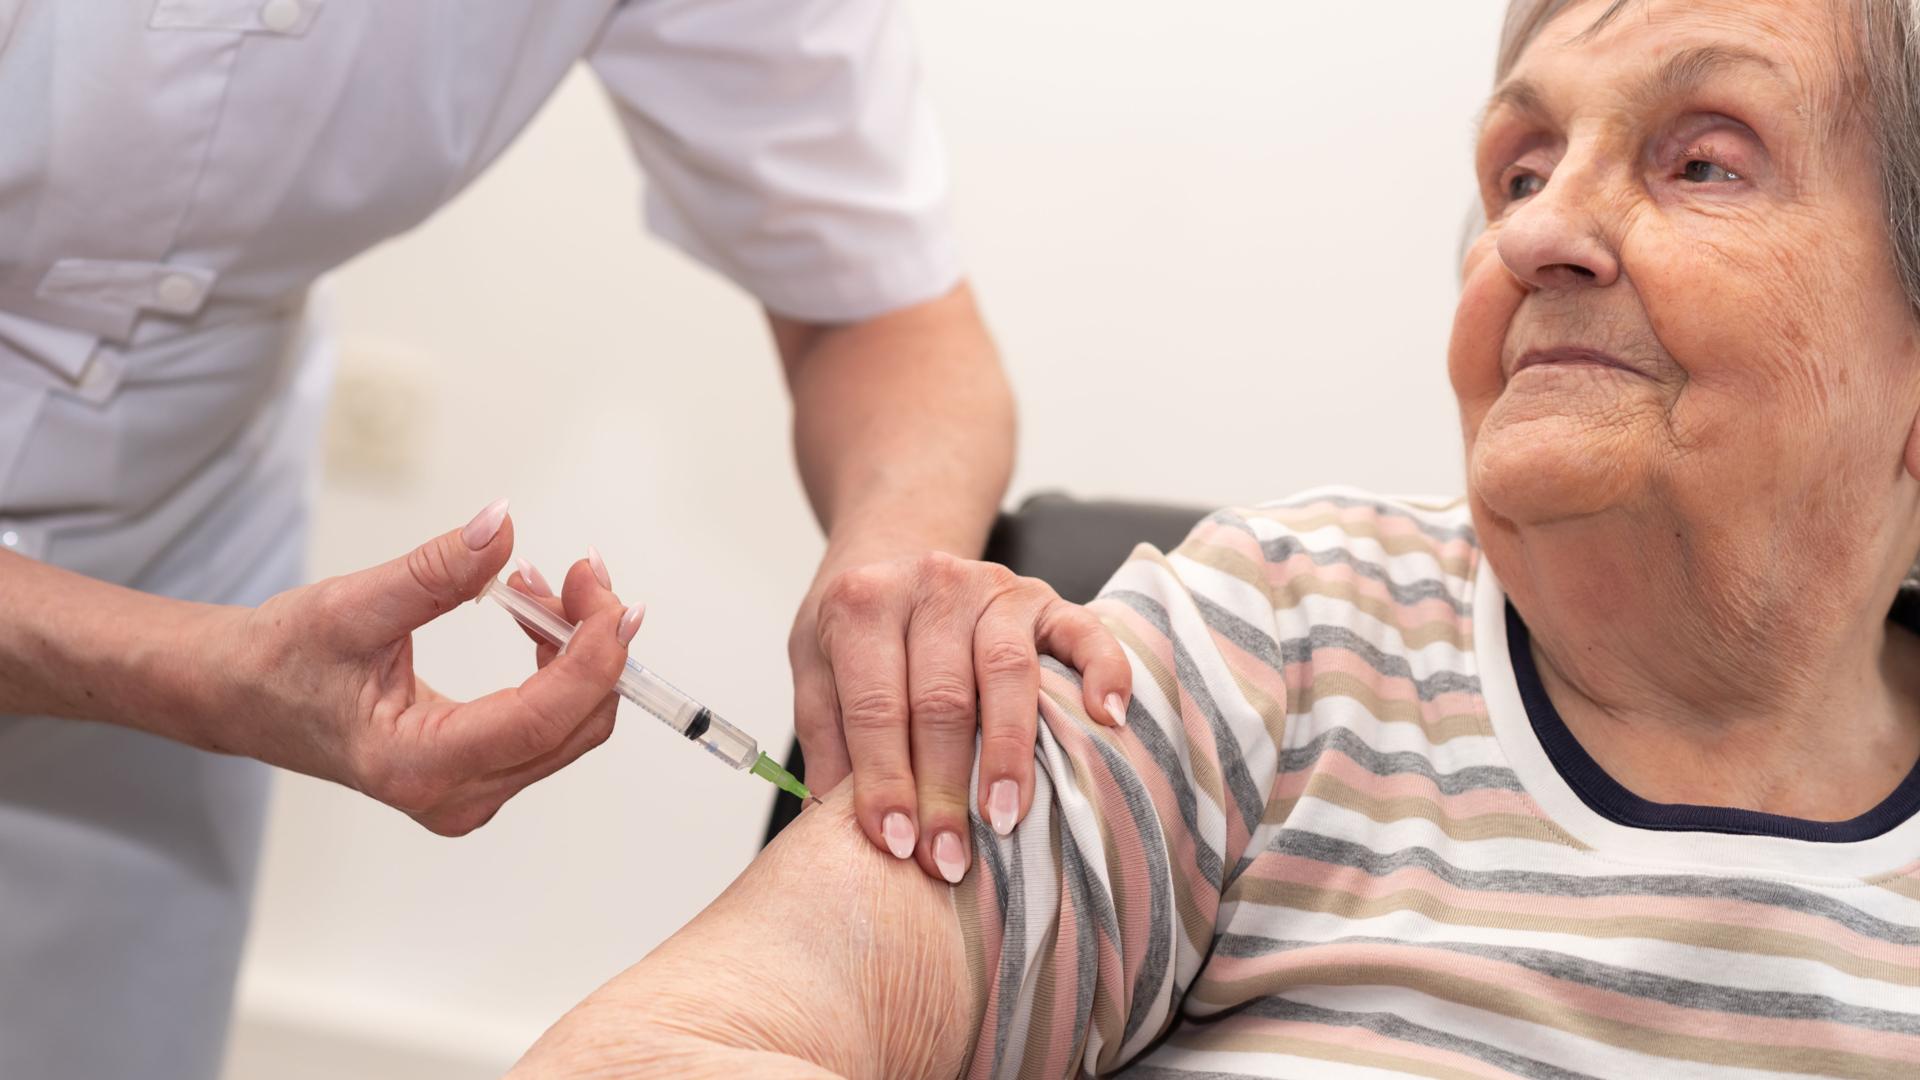 enfermera vacunando a adulto mayor